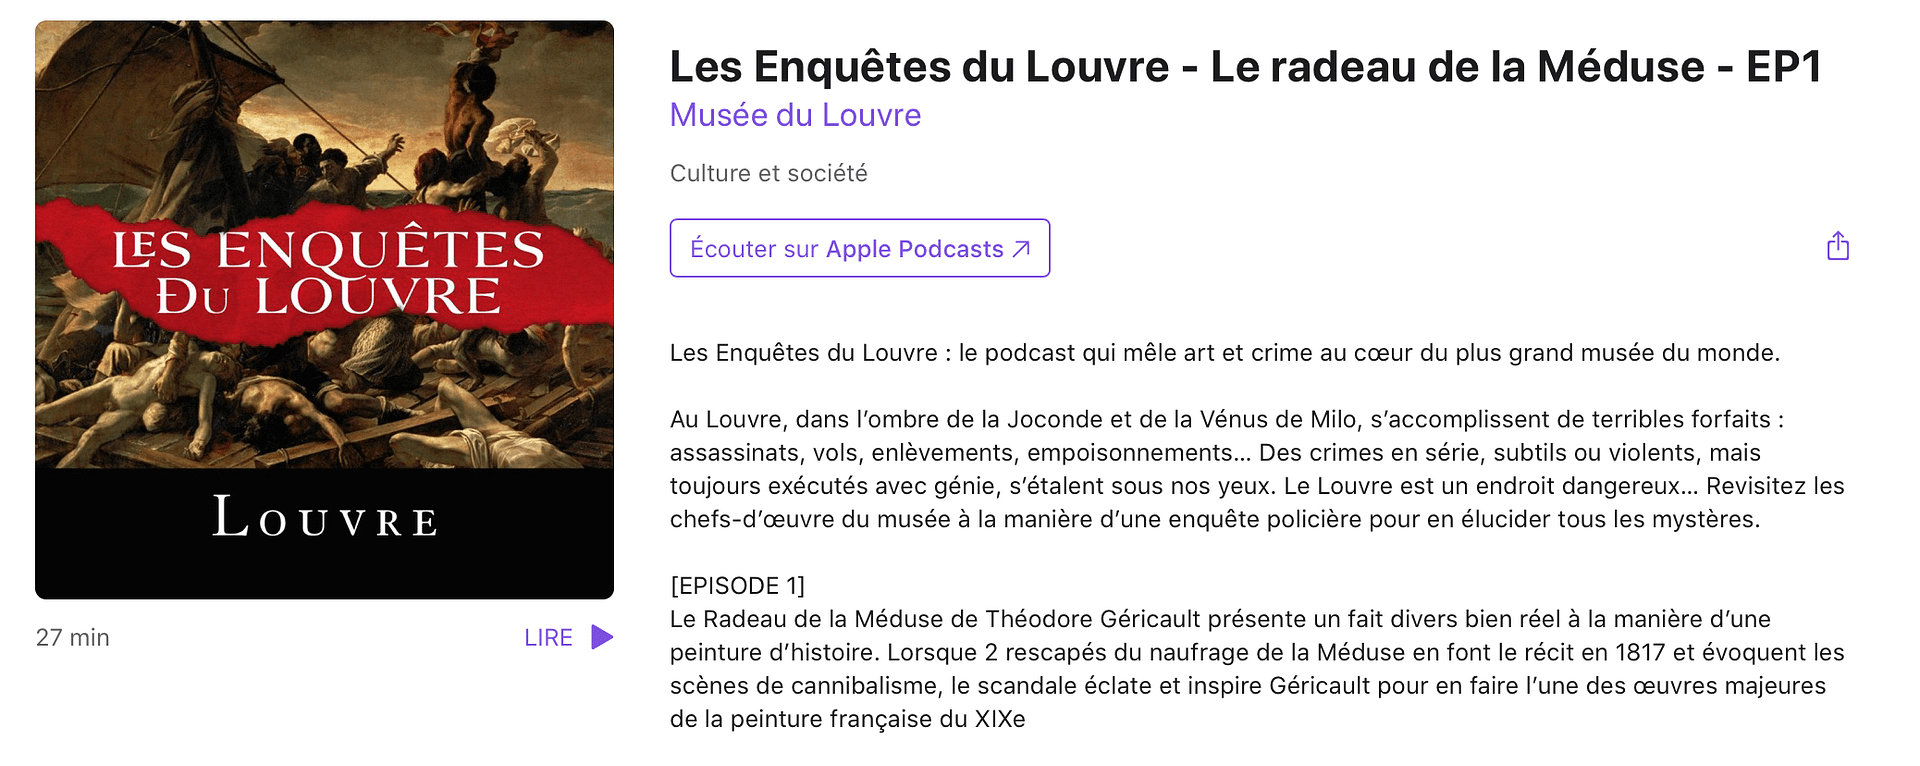 Podcasts de l'été - Le Louvre